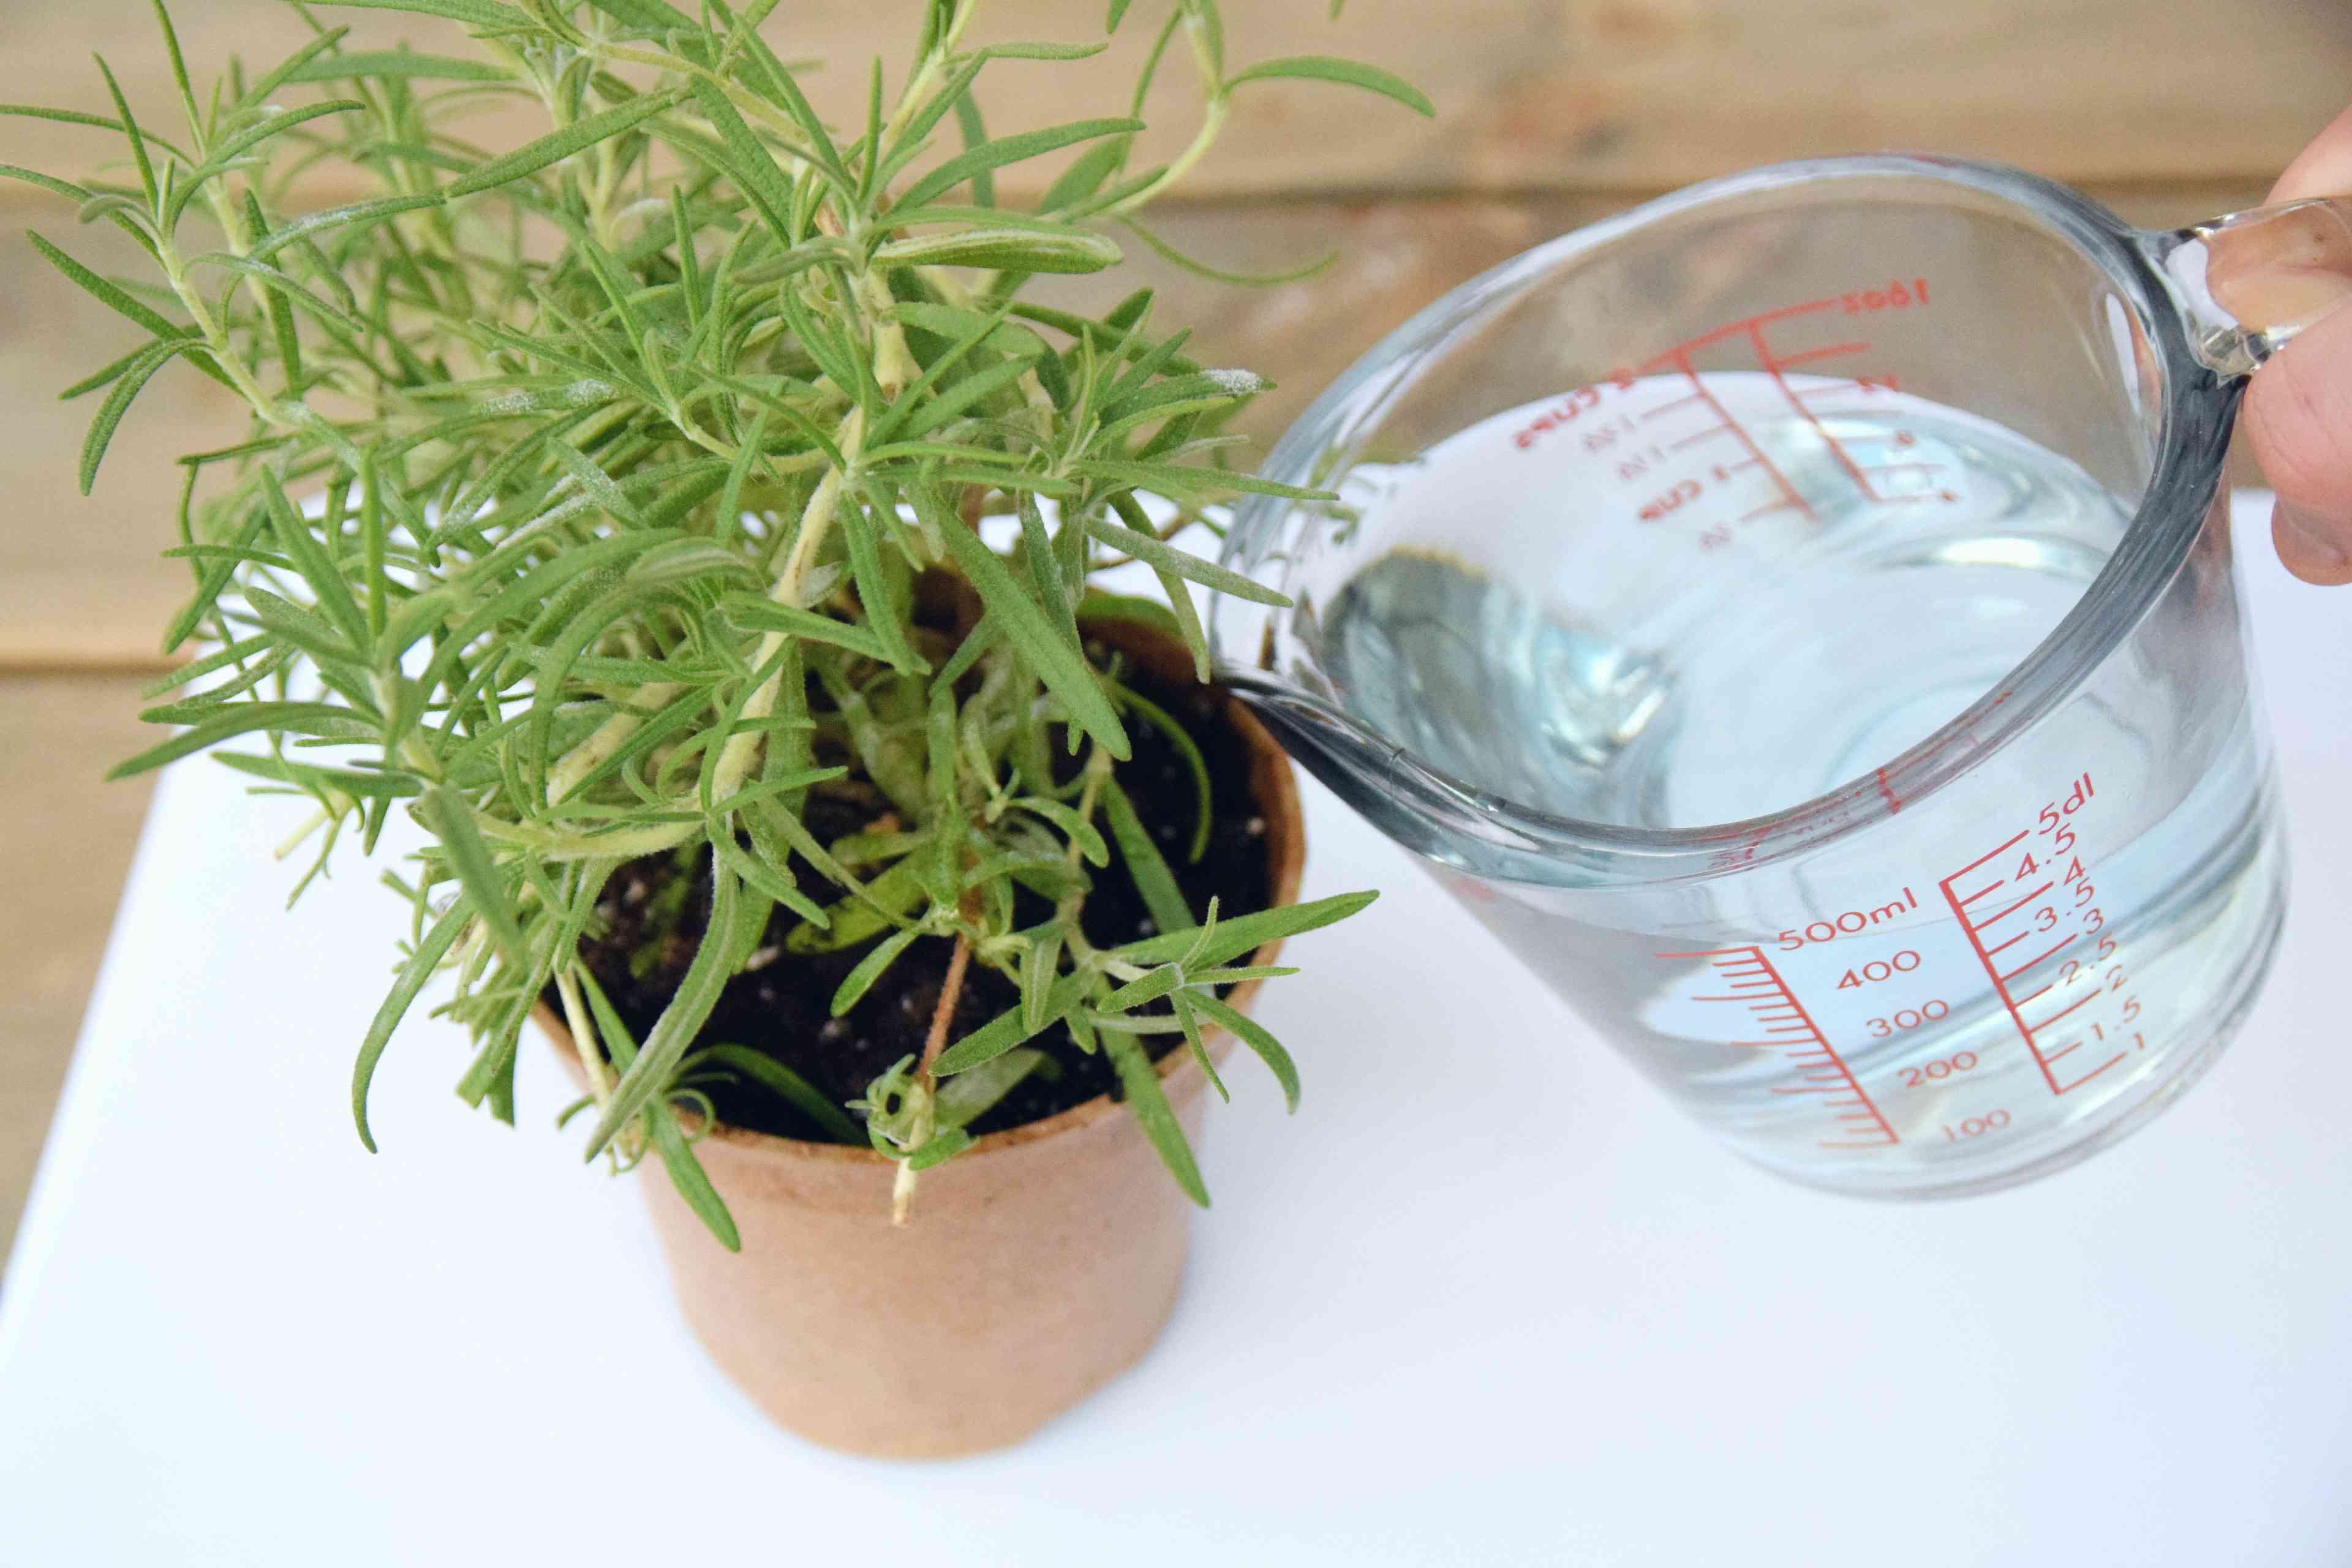 applying fertilizer to indoor herbs